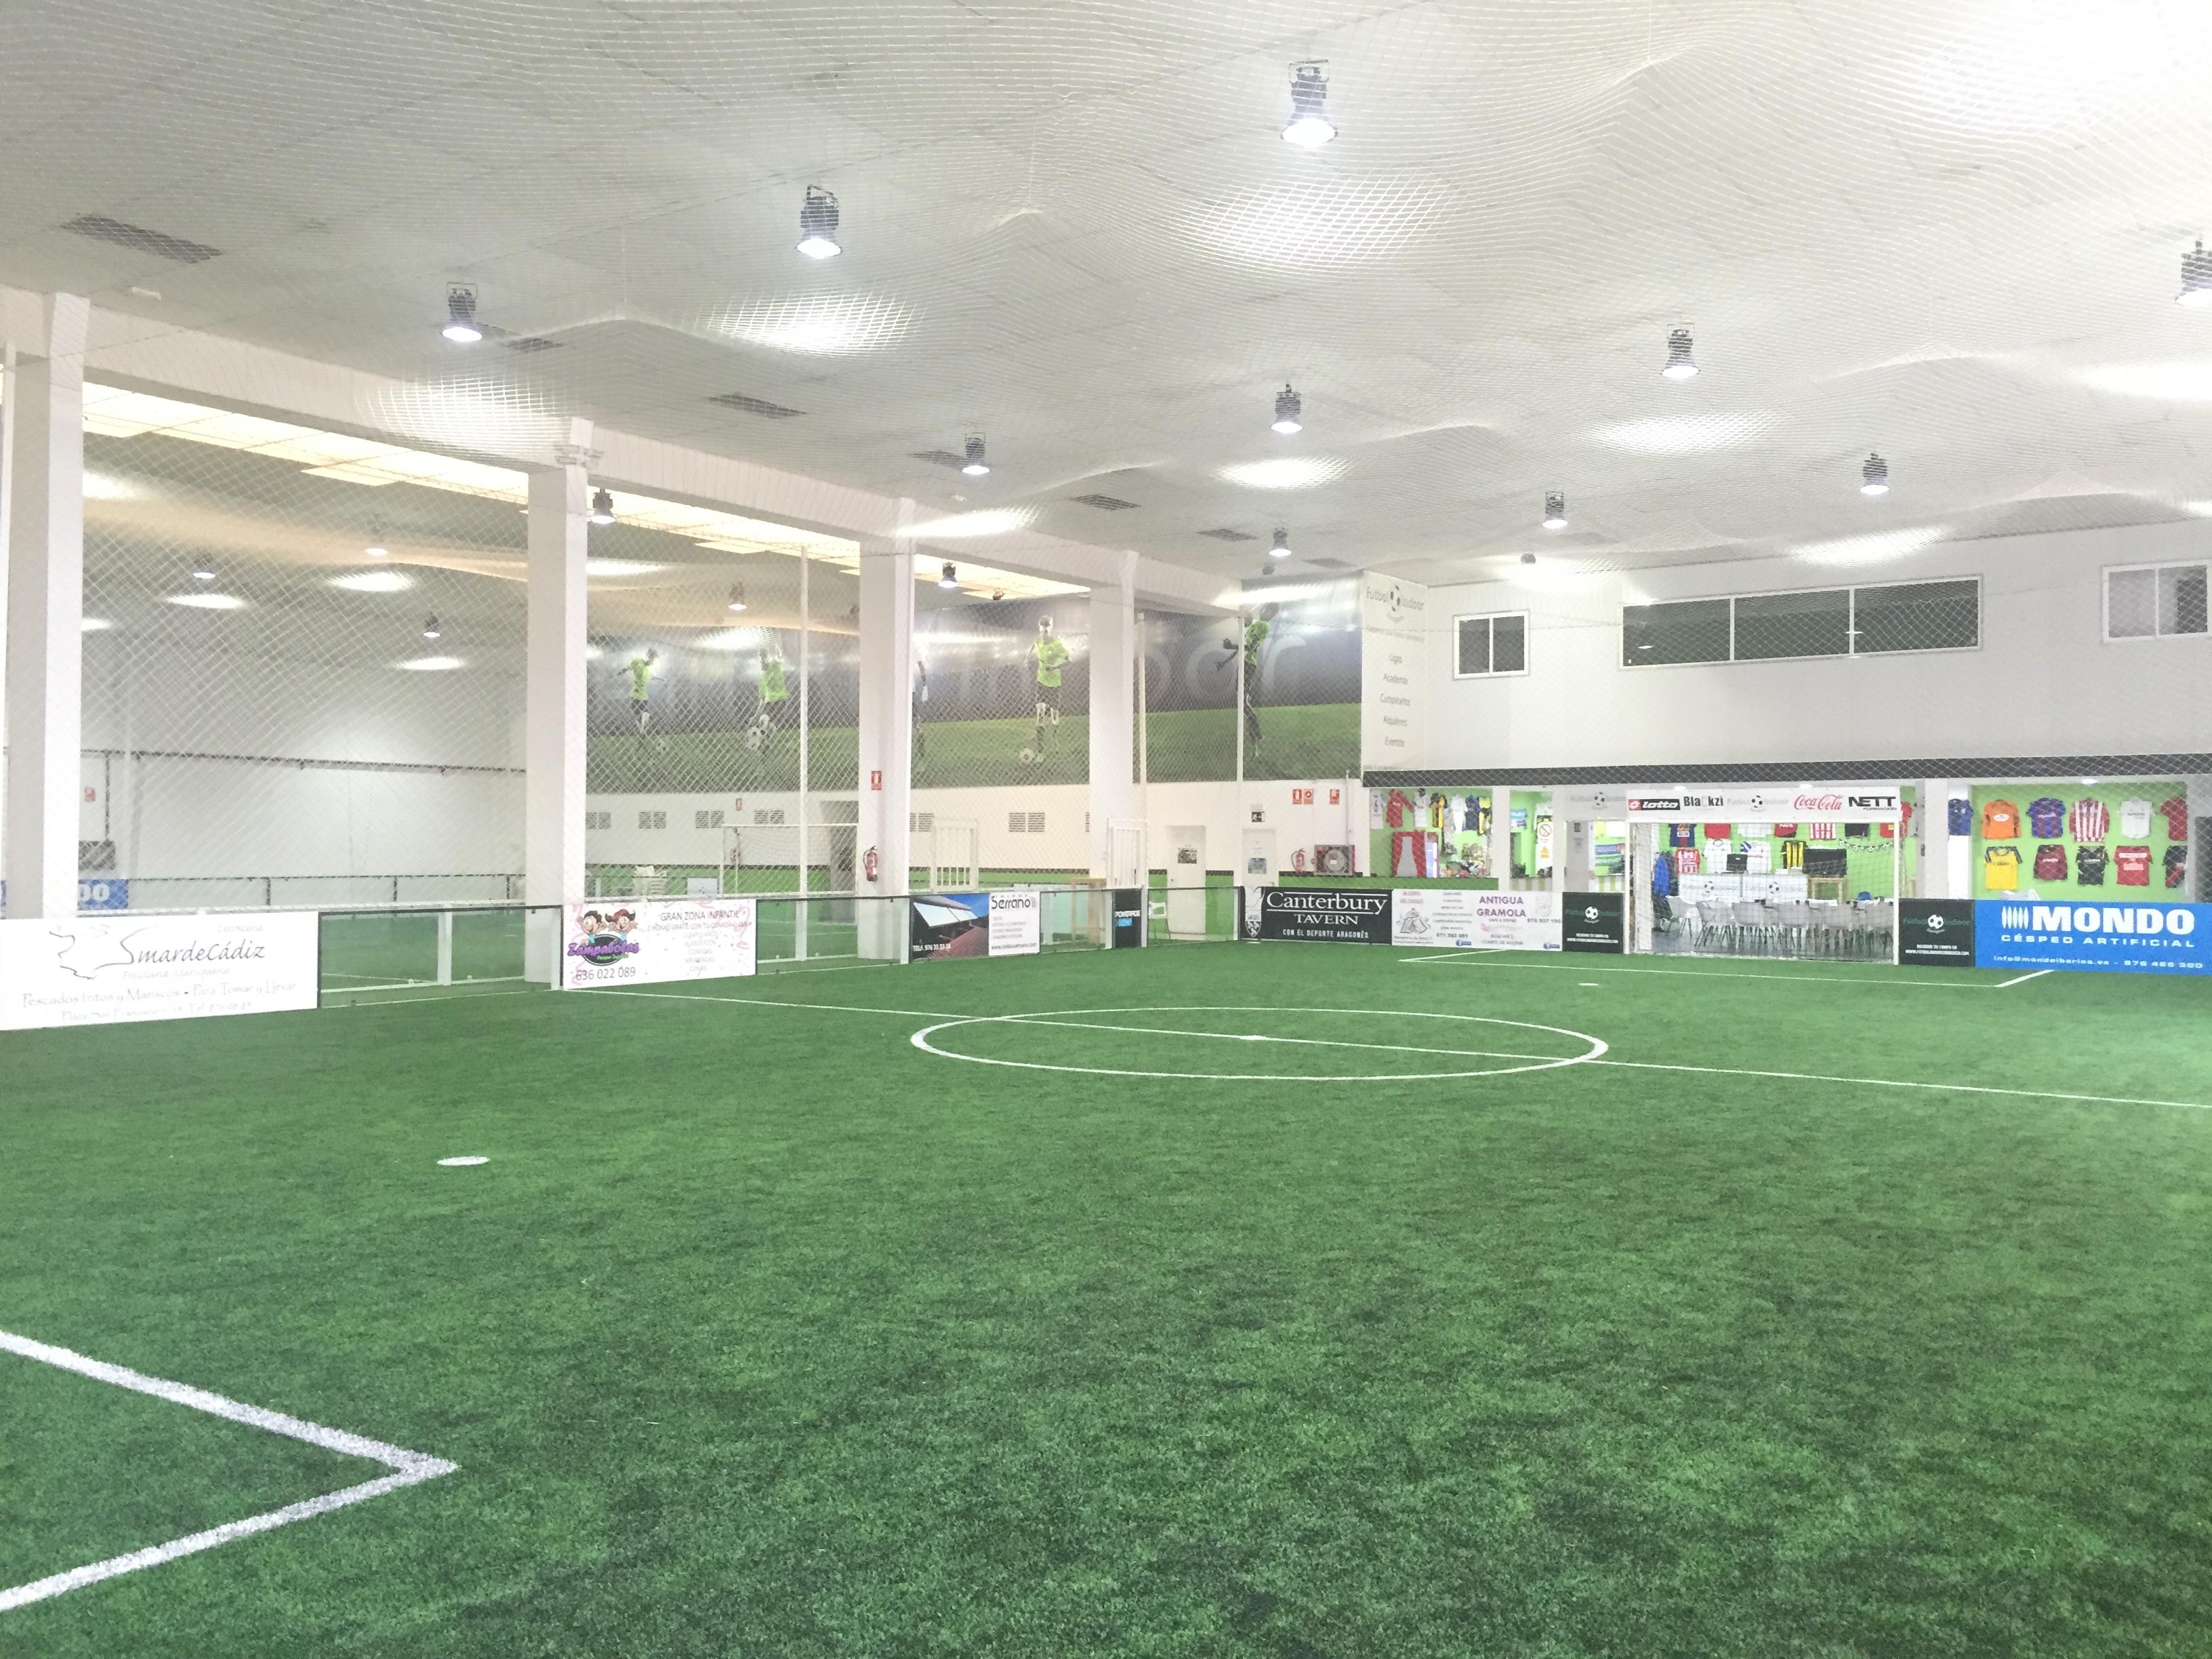 Fútbol Indoor | Cuarte de Huerva | Fútbol Indoor Zaragoza